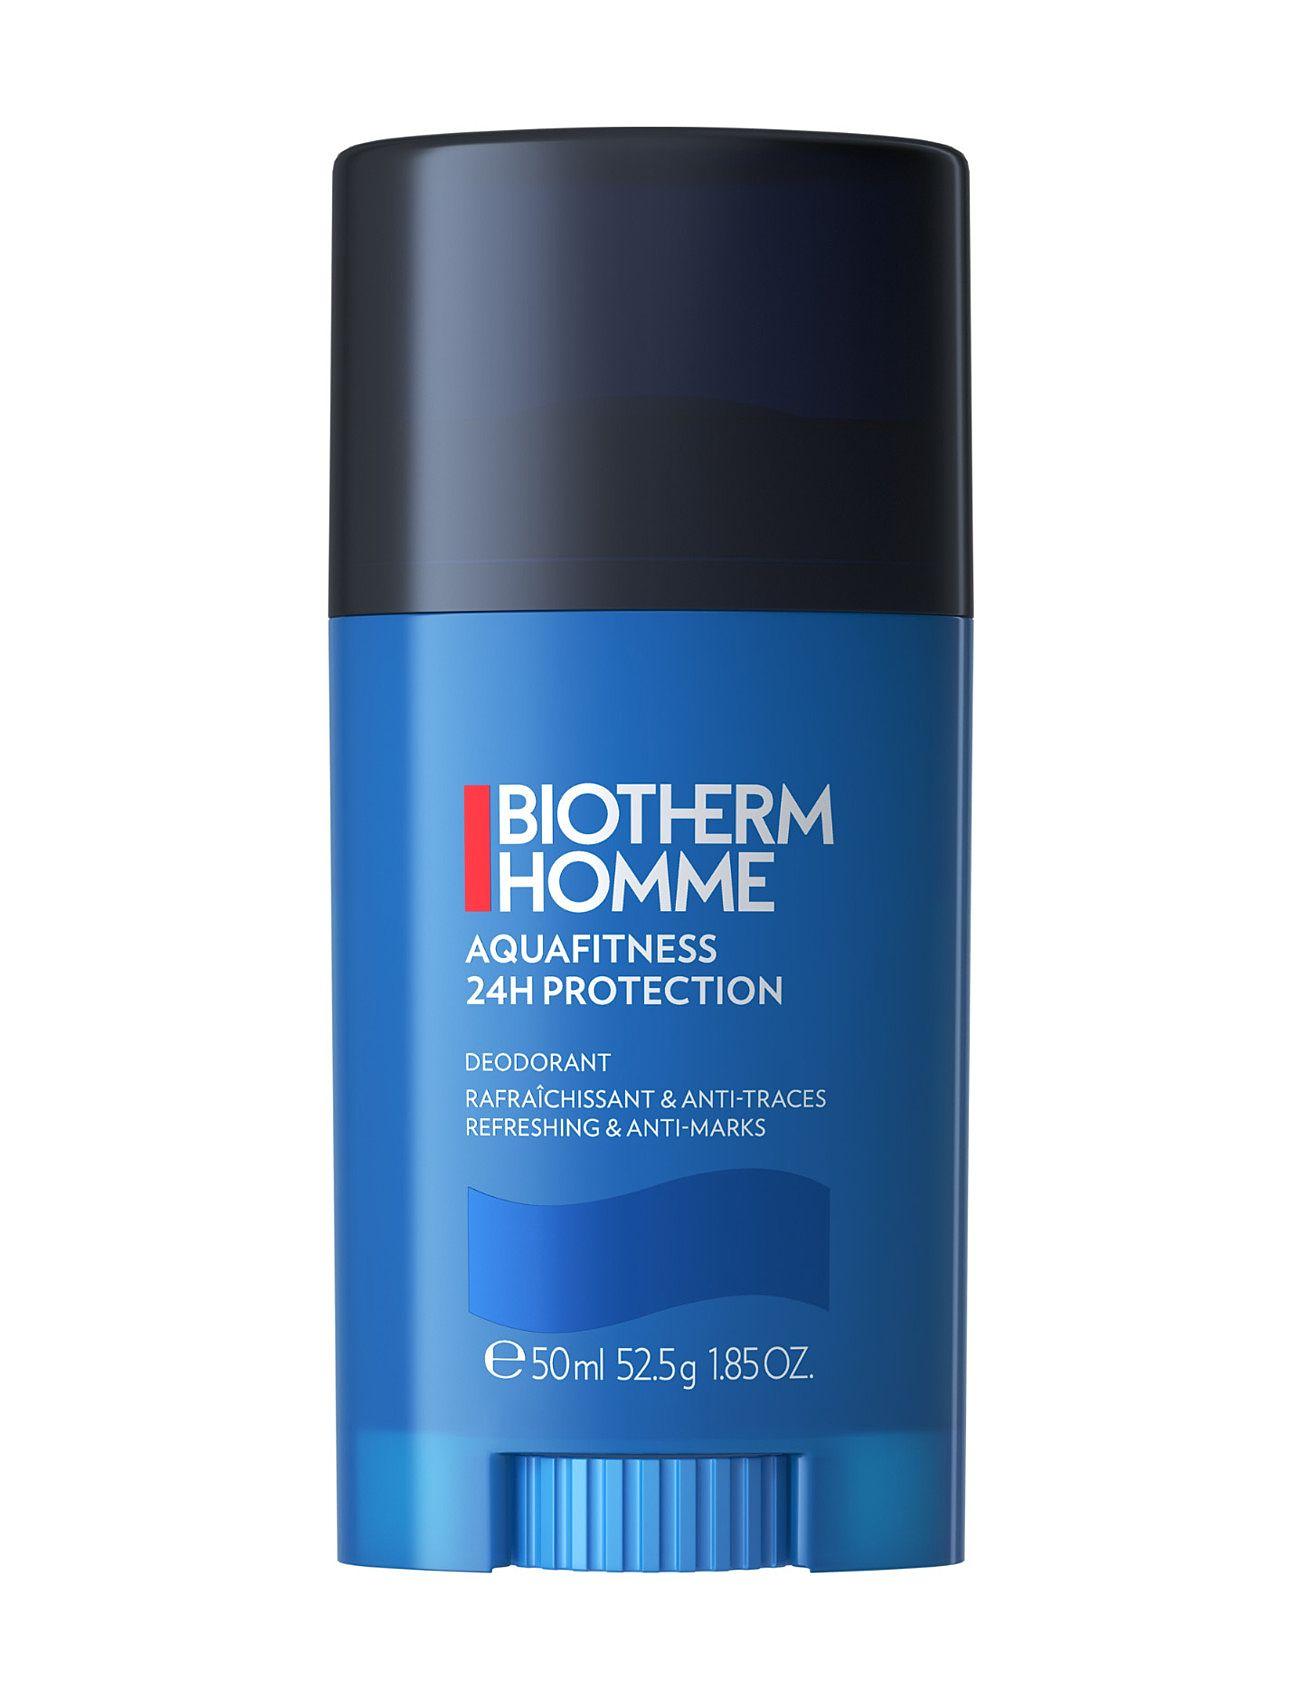 biotherm – Aquafitness deo stick 50 ml på boozt.com dk